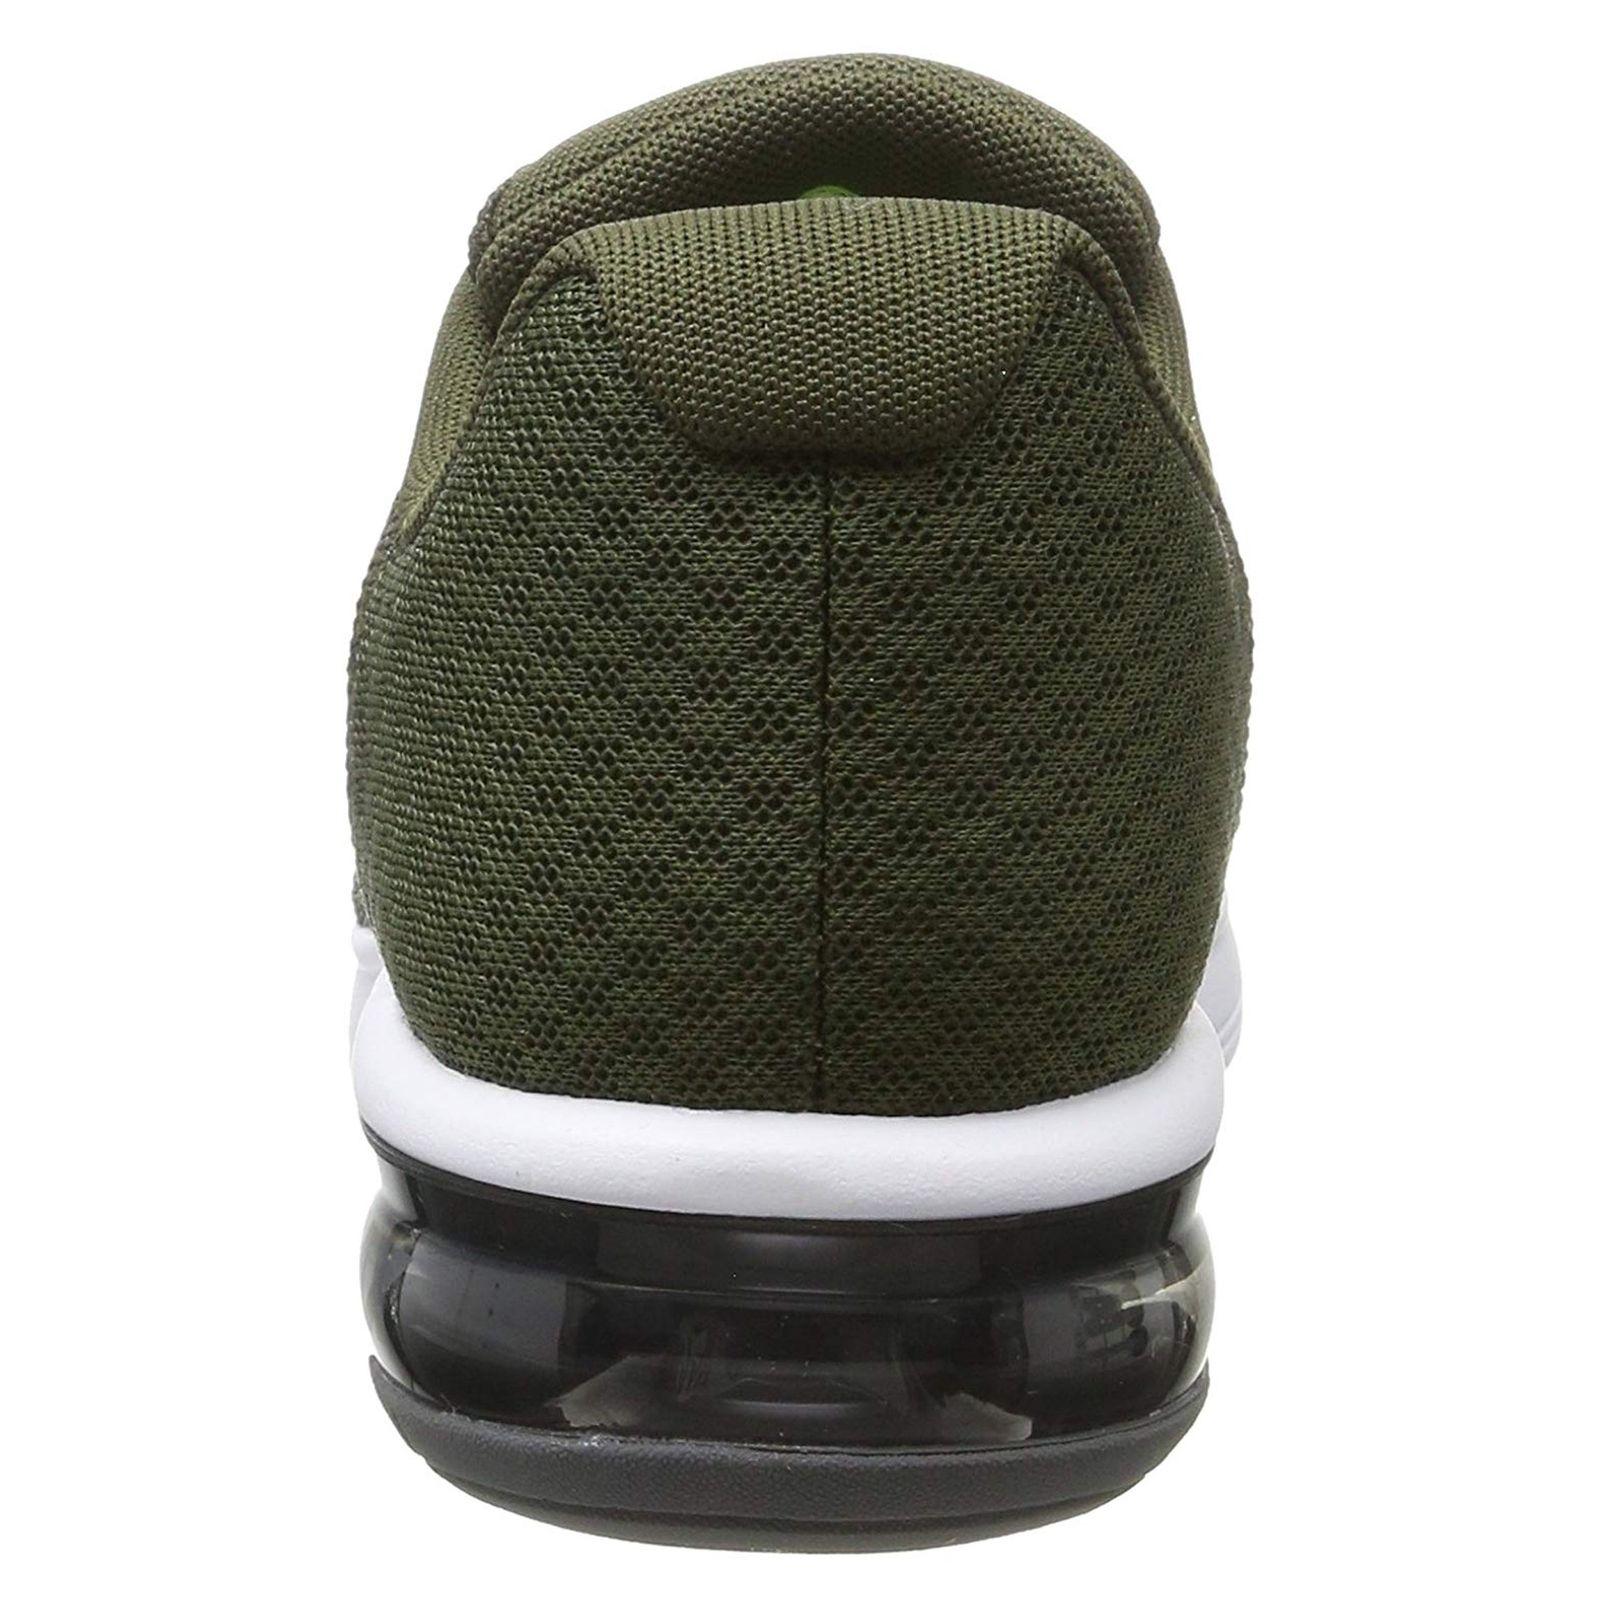 کفش دویدن بندی مردانه Air Max Sequent 2 - نایکی - زيتوني - 5